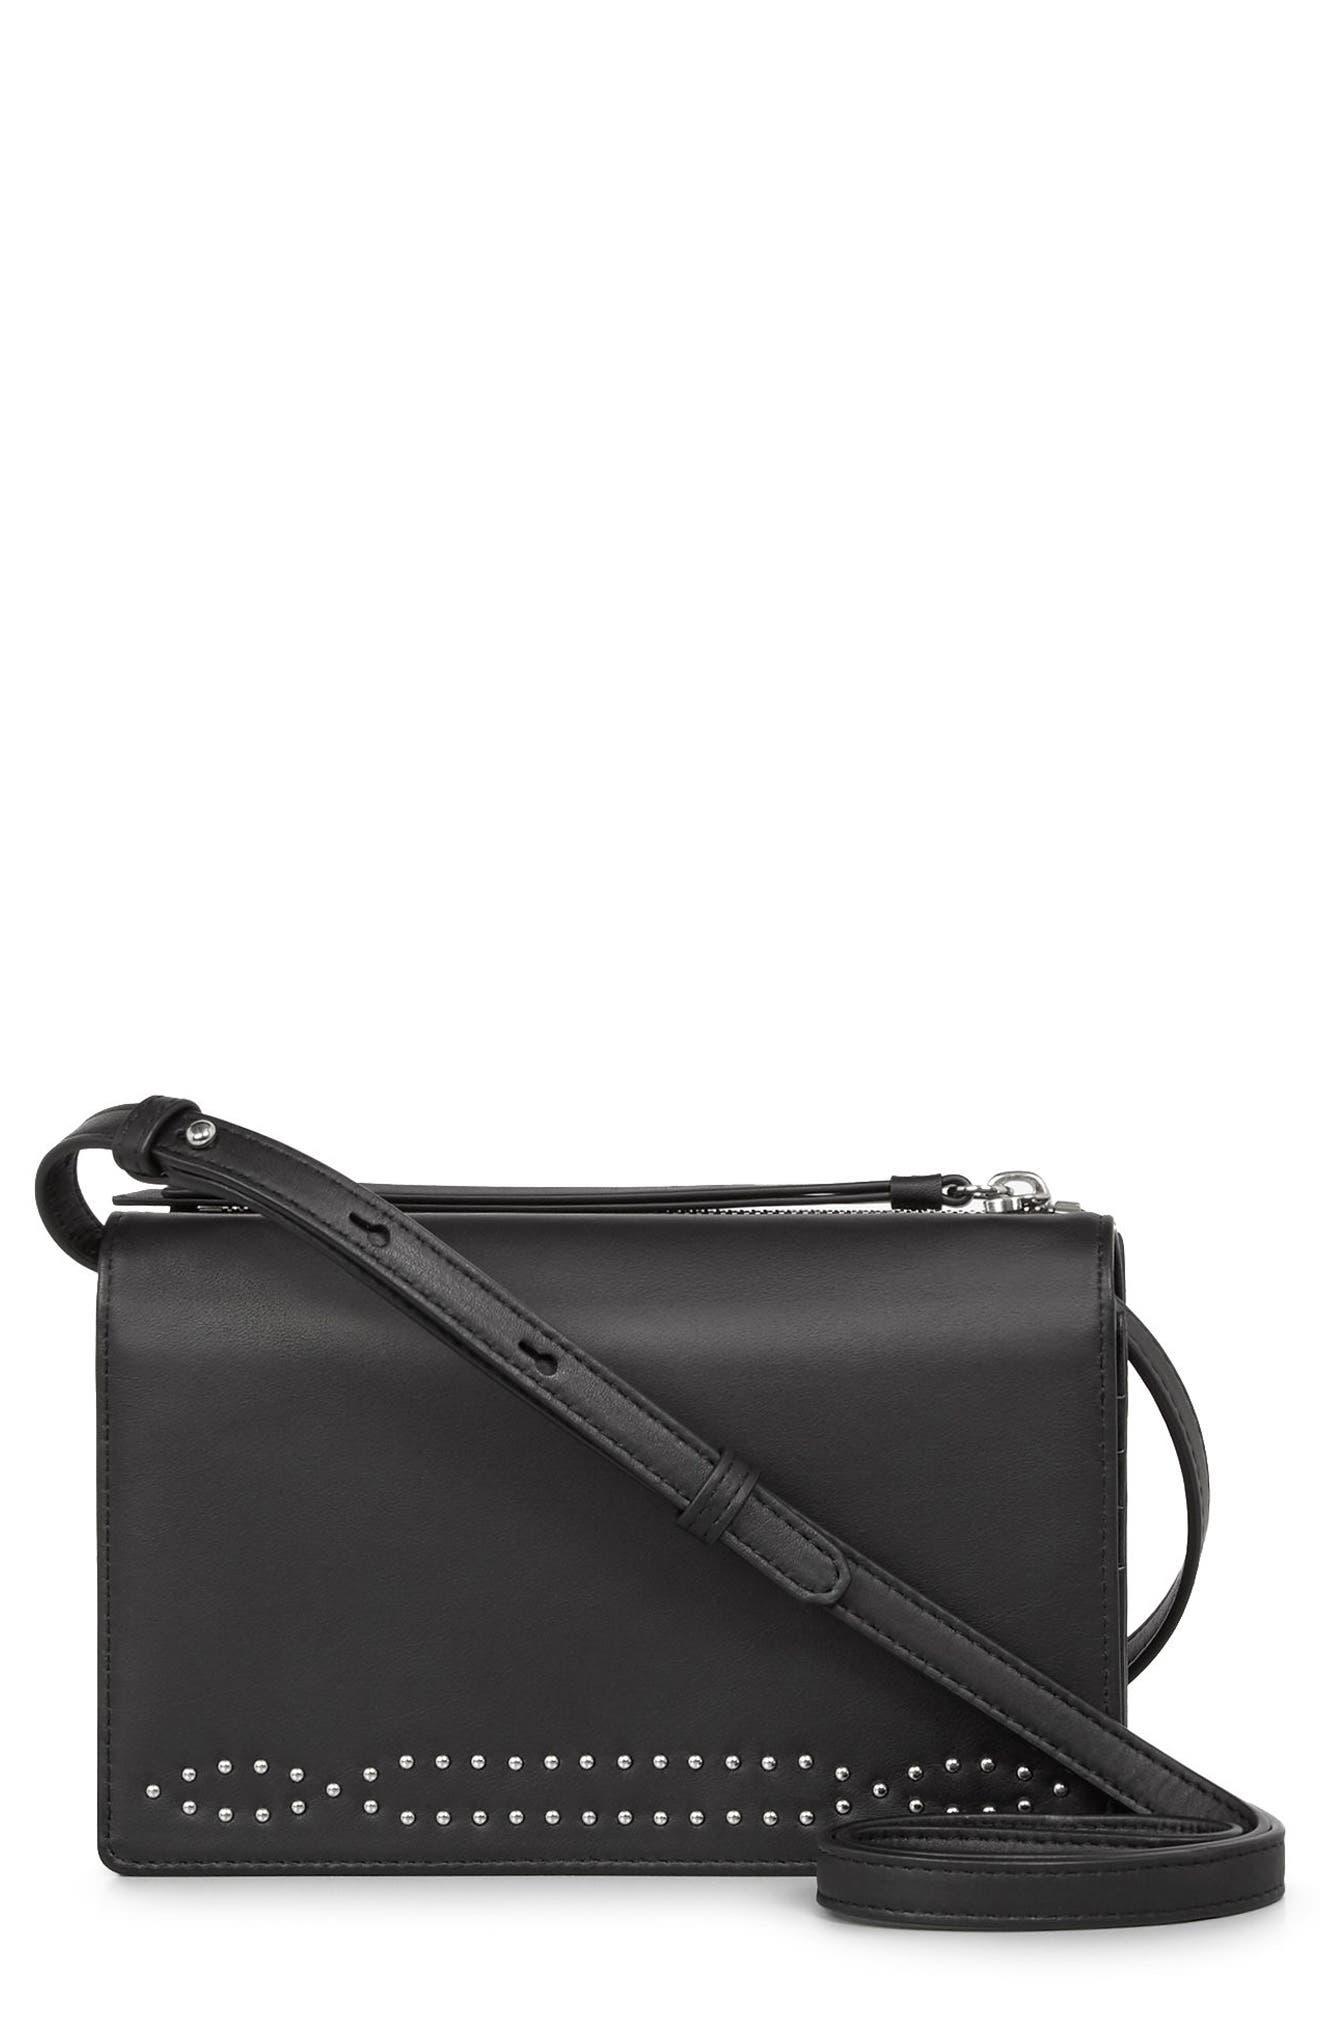 Billie Leather Wallet,                             Main thumbnail 1, color,                             Black